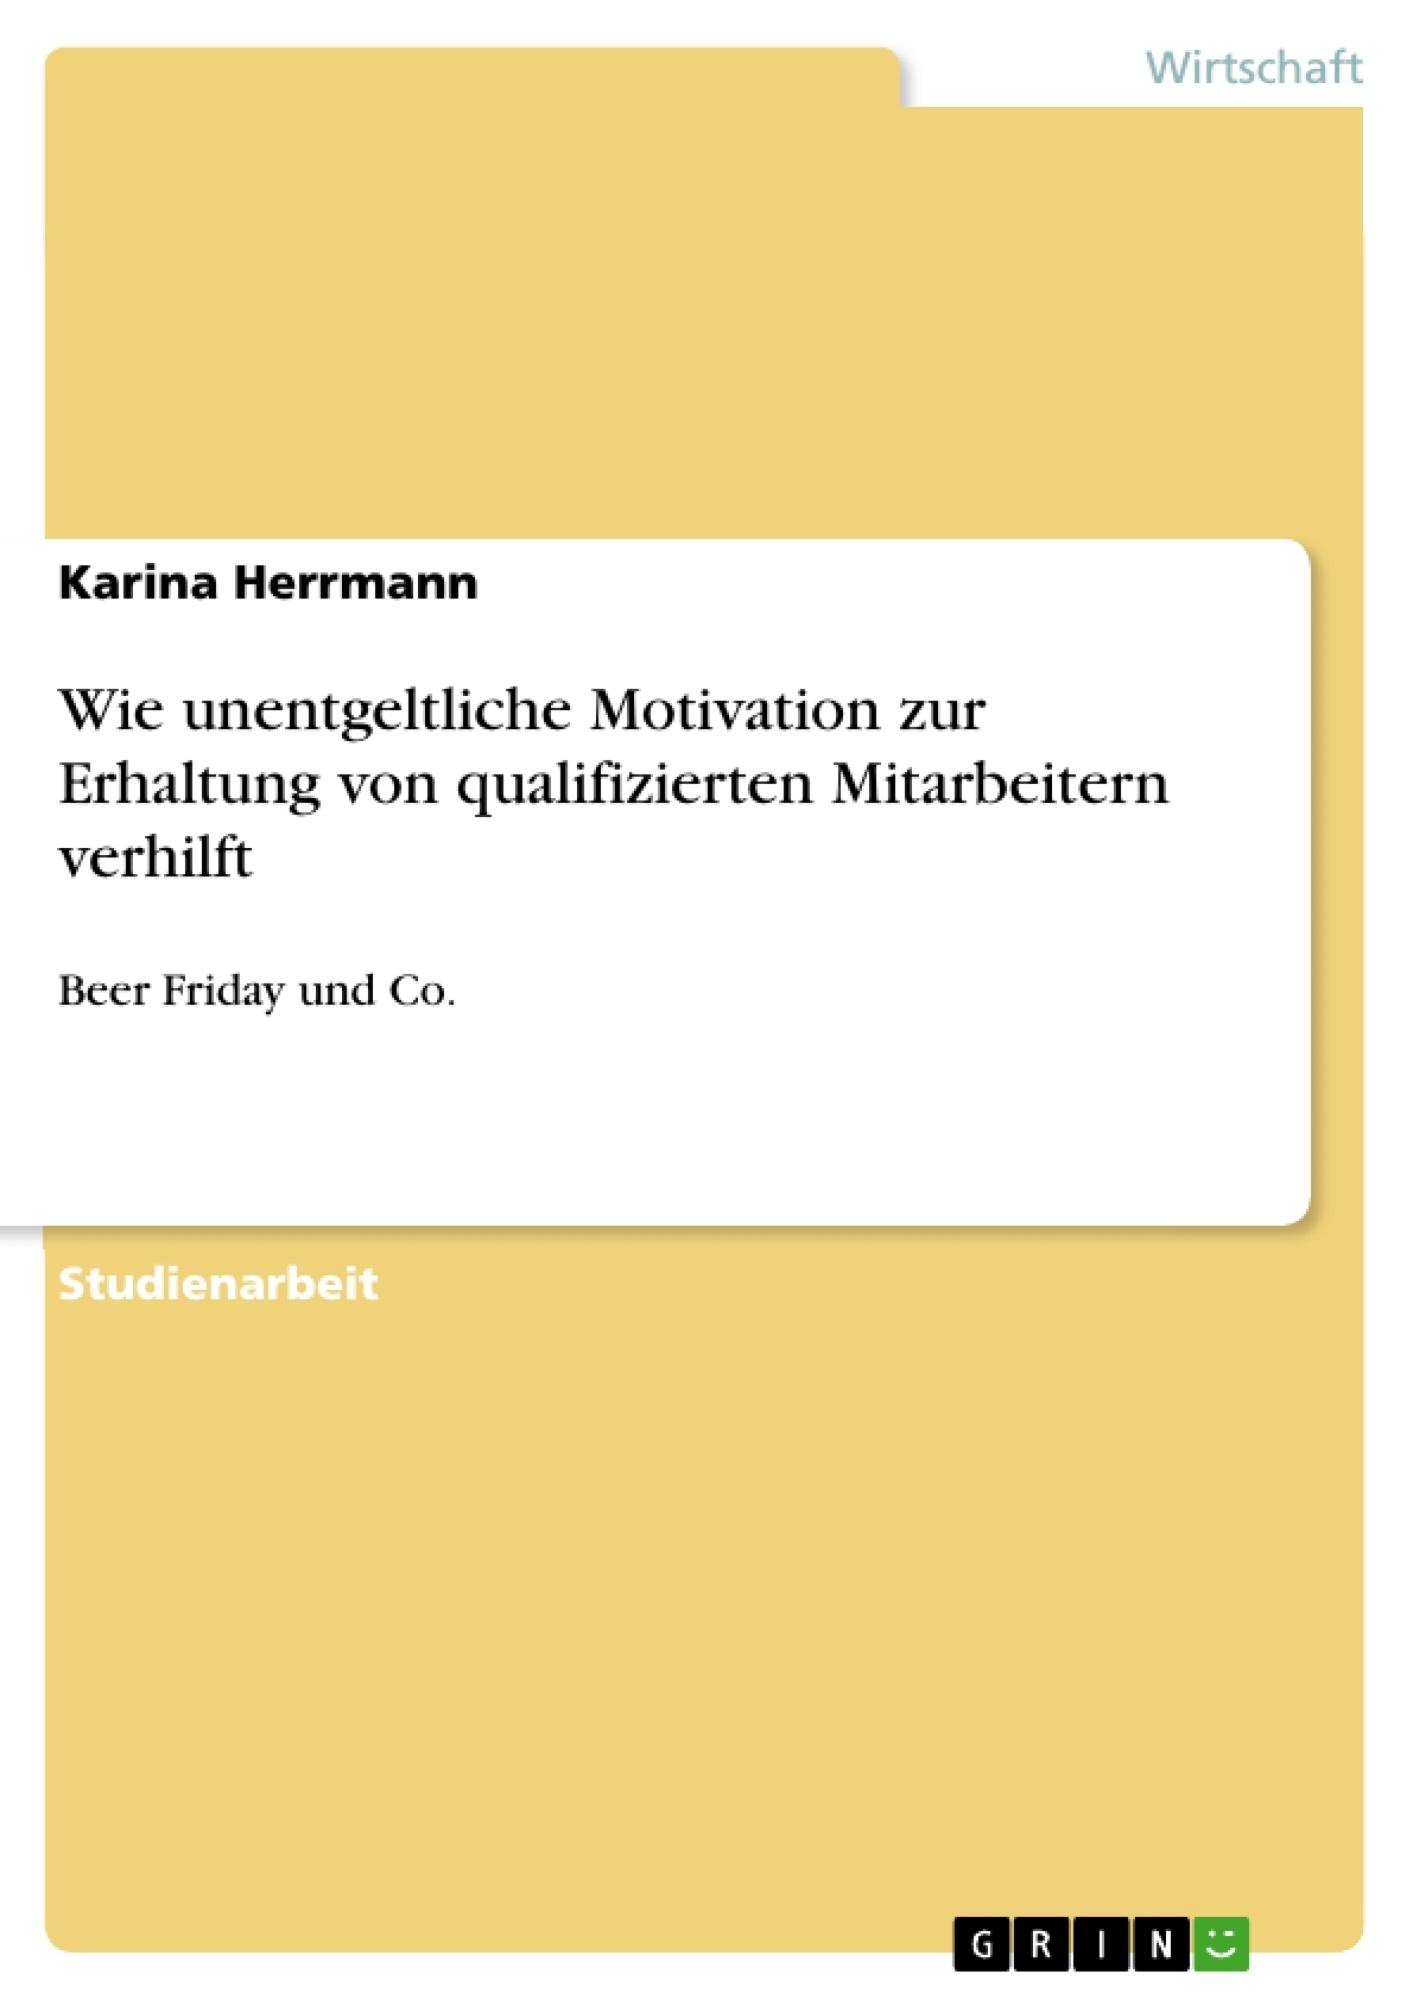 Titel: Wie unentgeltliche Motivation zur Erhaltung von qualifizierten Mitarbeitern verhilft